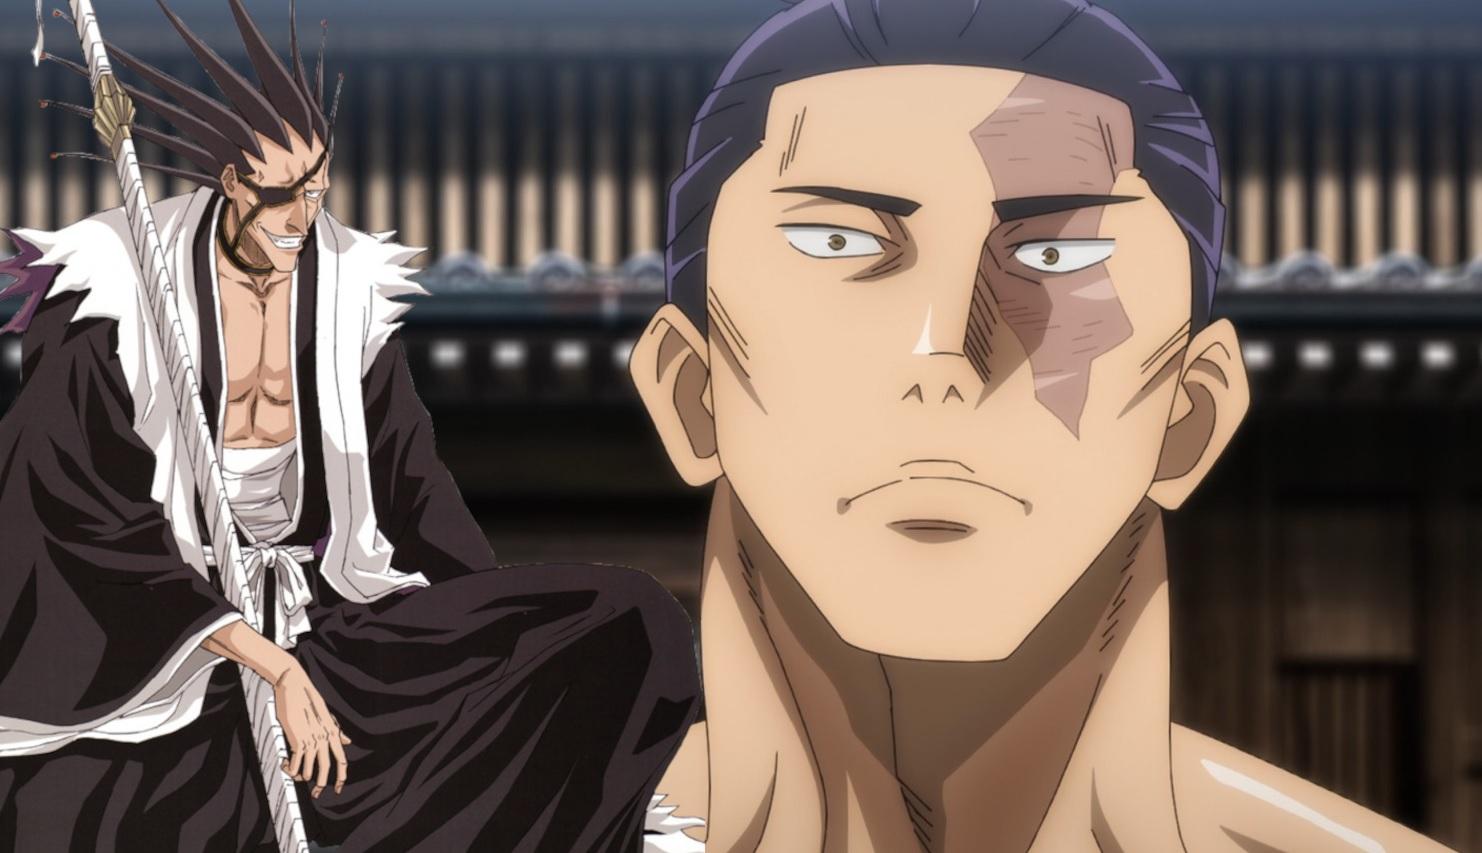 Autor de Jujutsu Kaisen criou dois personagens inspirados em Bleach e Yu Yu Hakusho